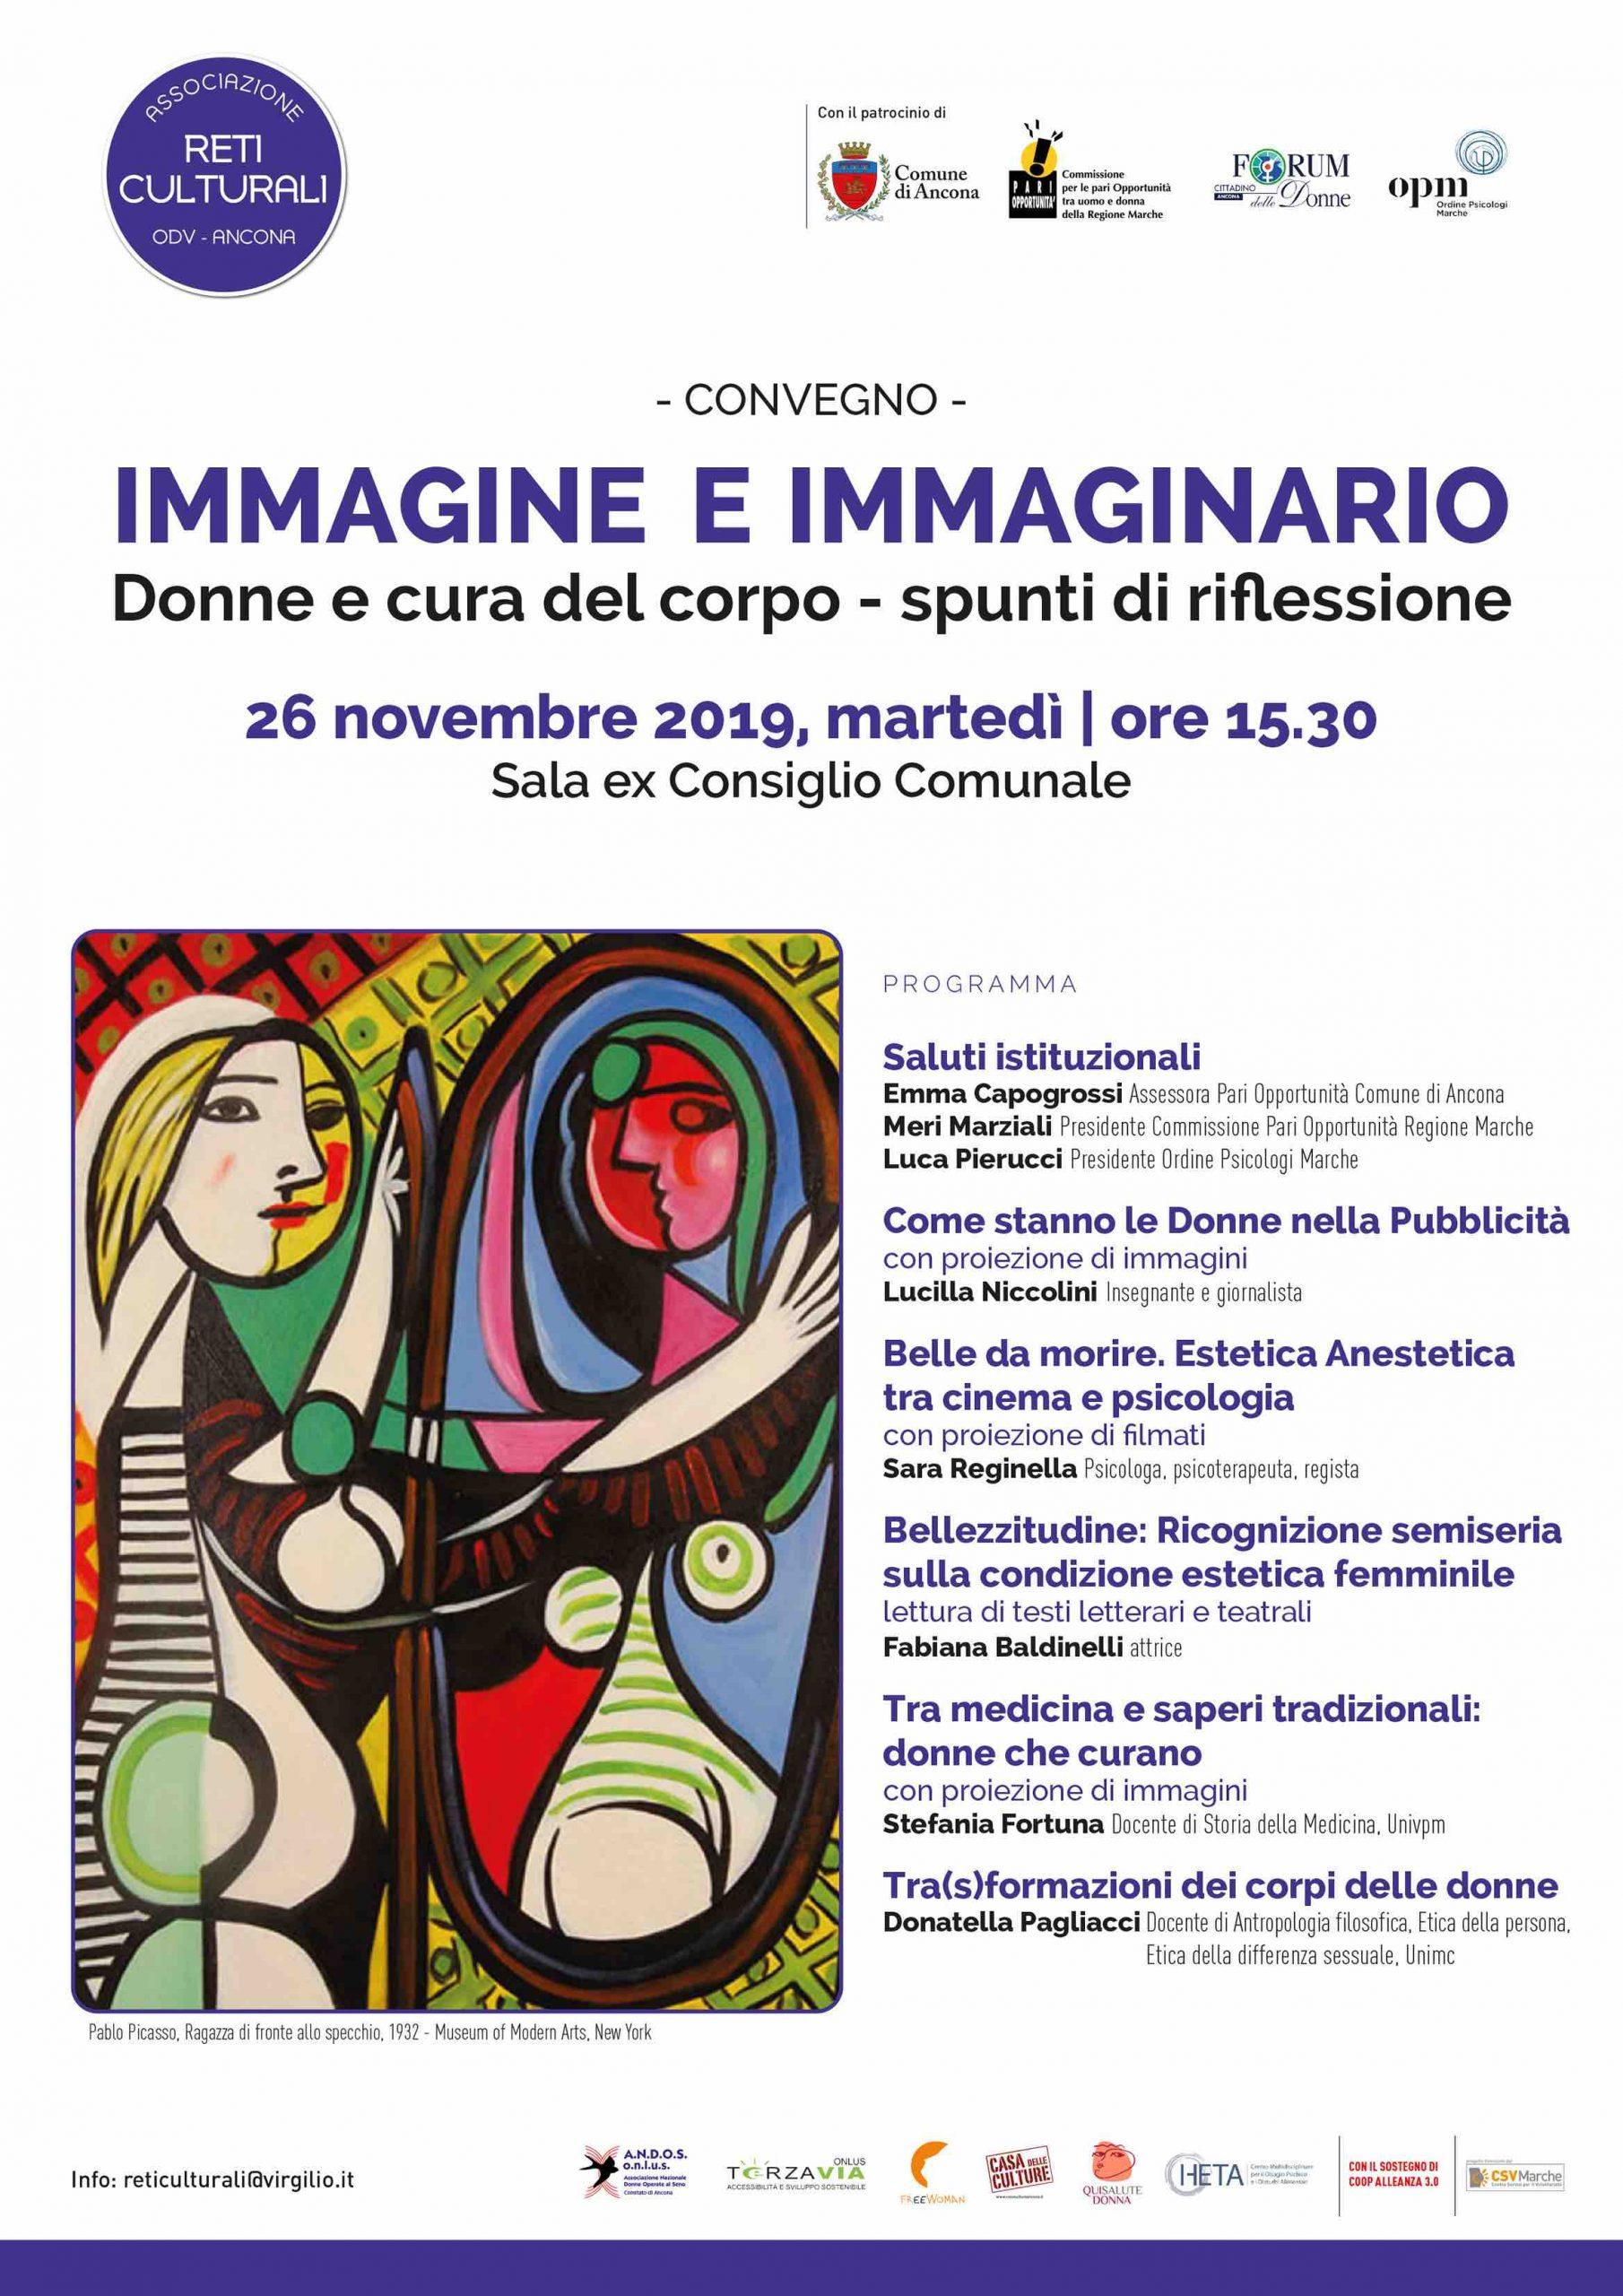 """""""Immagine e immaginario. Donne e cura del corpo"""". Convegno con Sara Reginella, Fabiana Baldinelli, Stefania Fortuna e Donatella Pagliacci"""